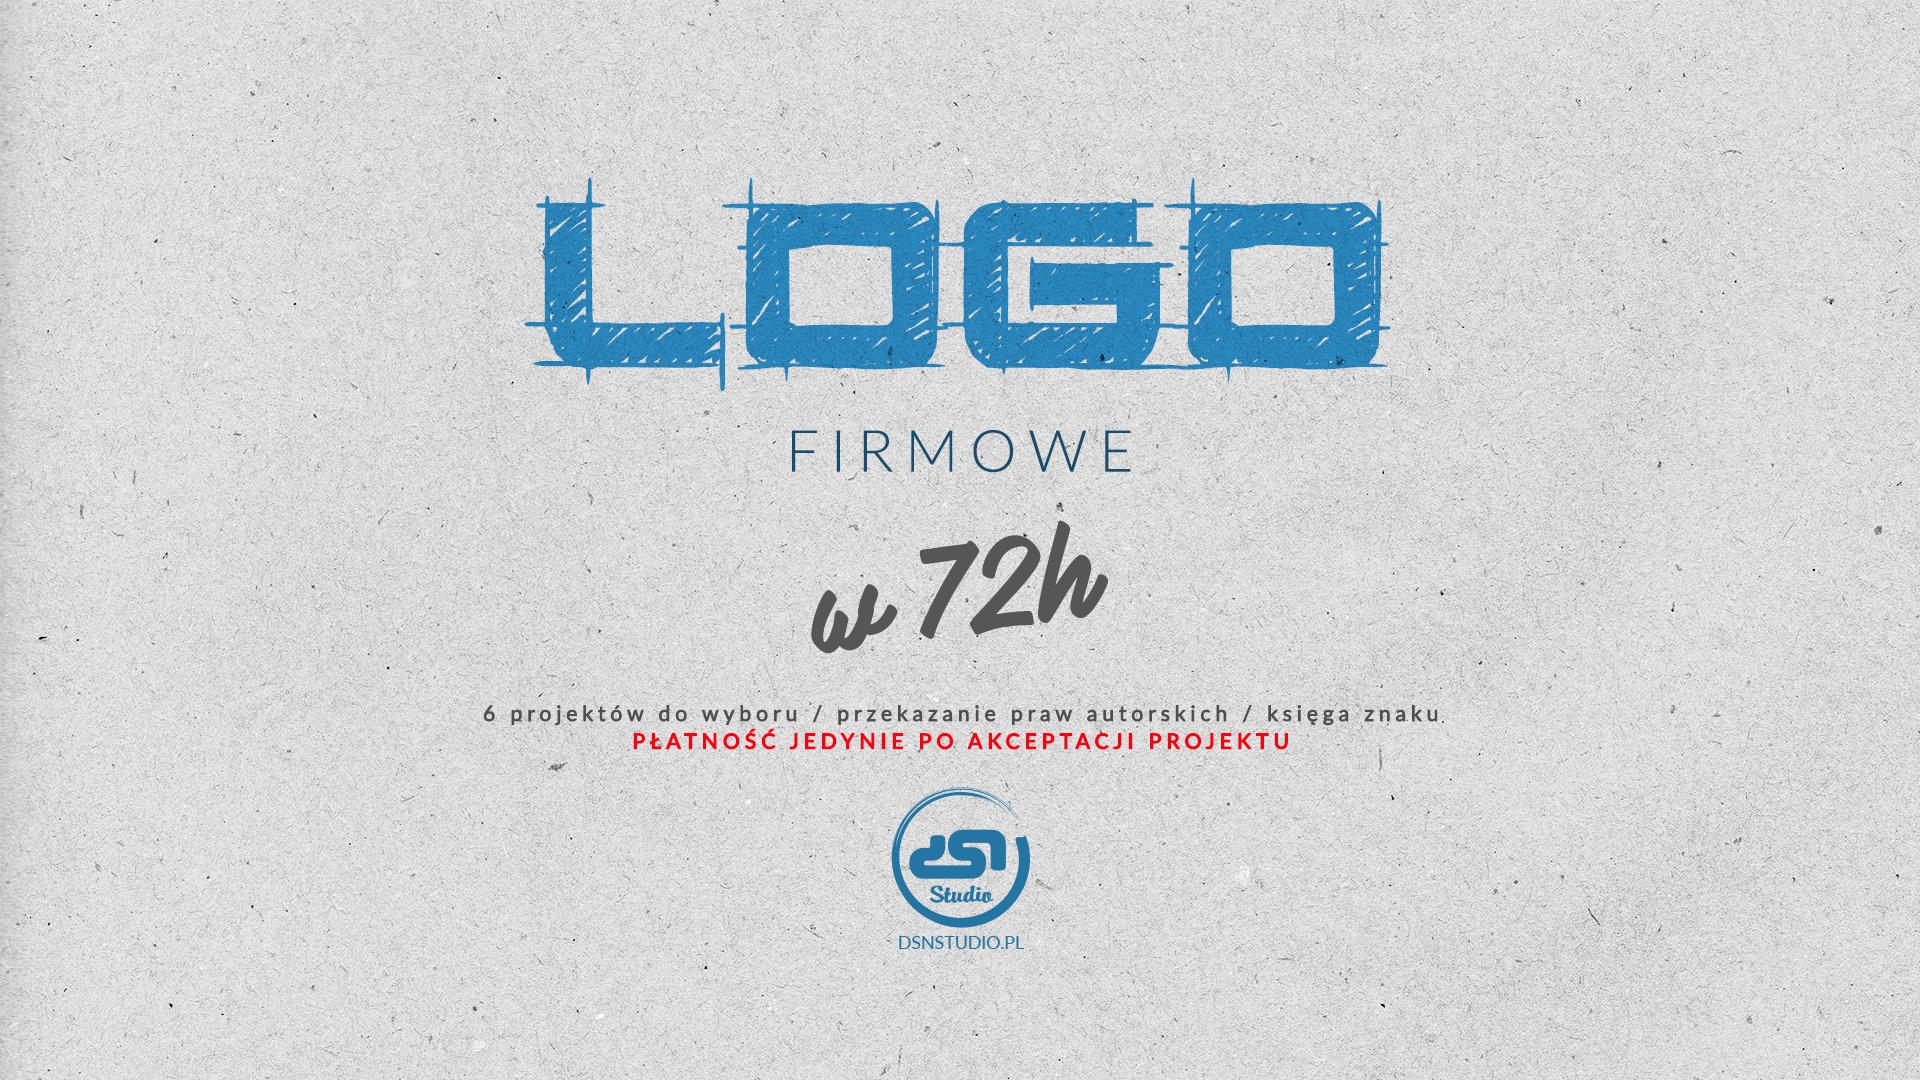 projekty-logo-dla-firmy-studio-graficzna-dsnstudio-warszawa-tanie-logo-gdzie-zlecić-logo-dsnstudio-graficzne-warszawa-kraków-poznań-dobry-znak-graficzny-dla-firmy